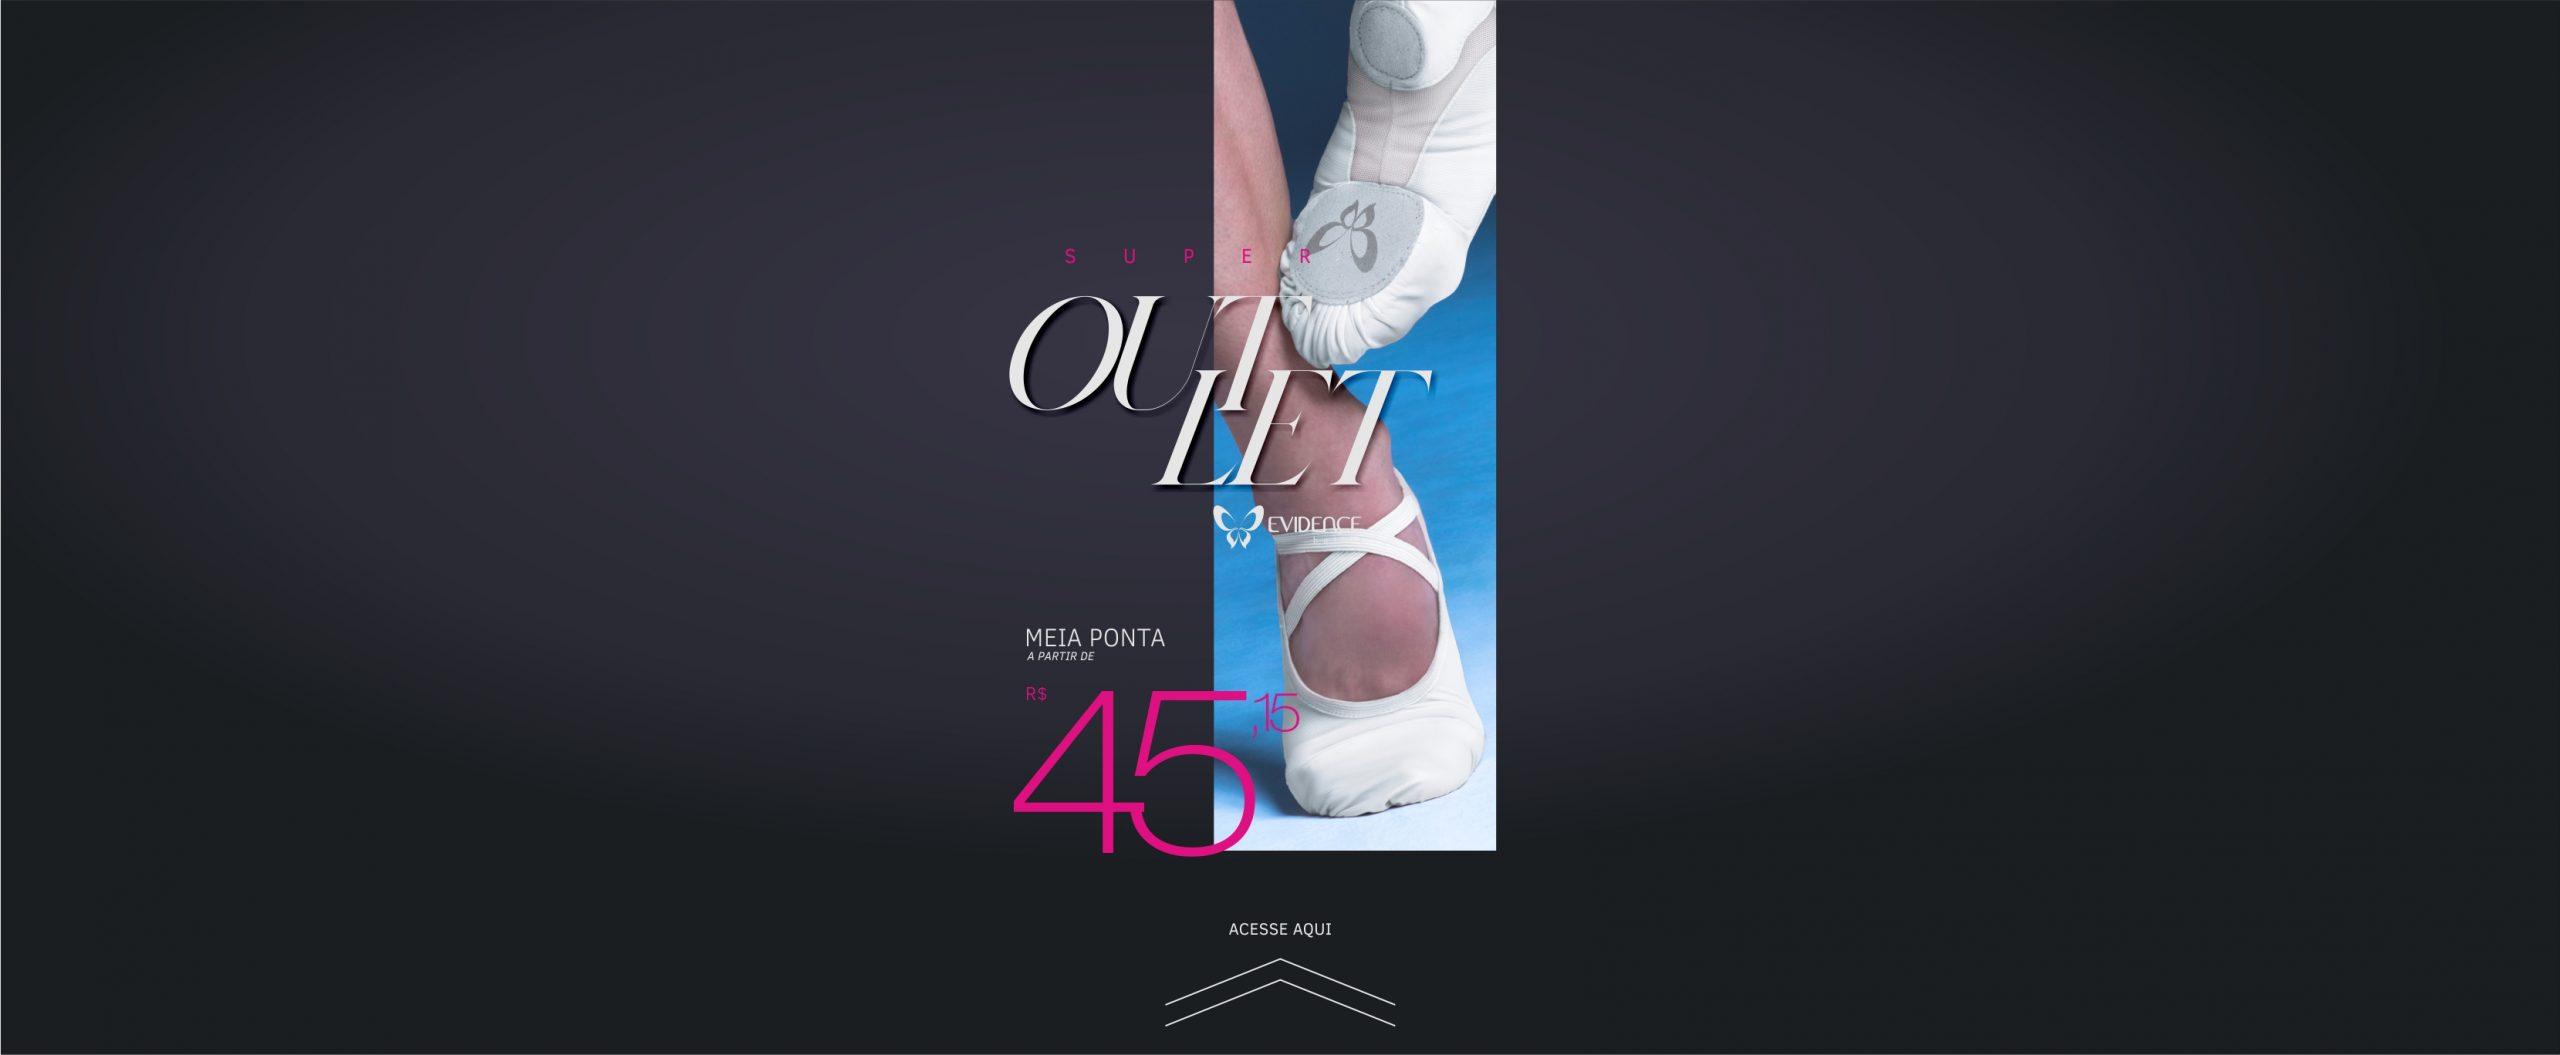 evidence ballet - banner - outlet